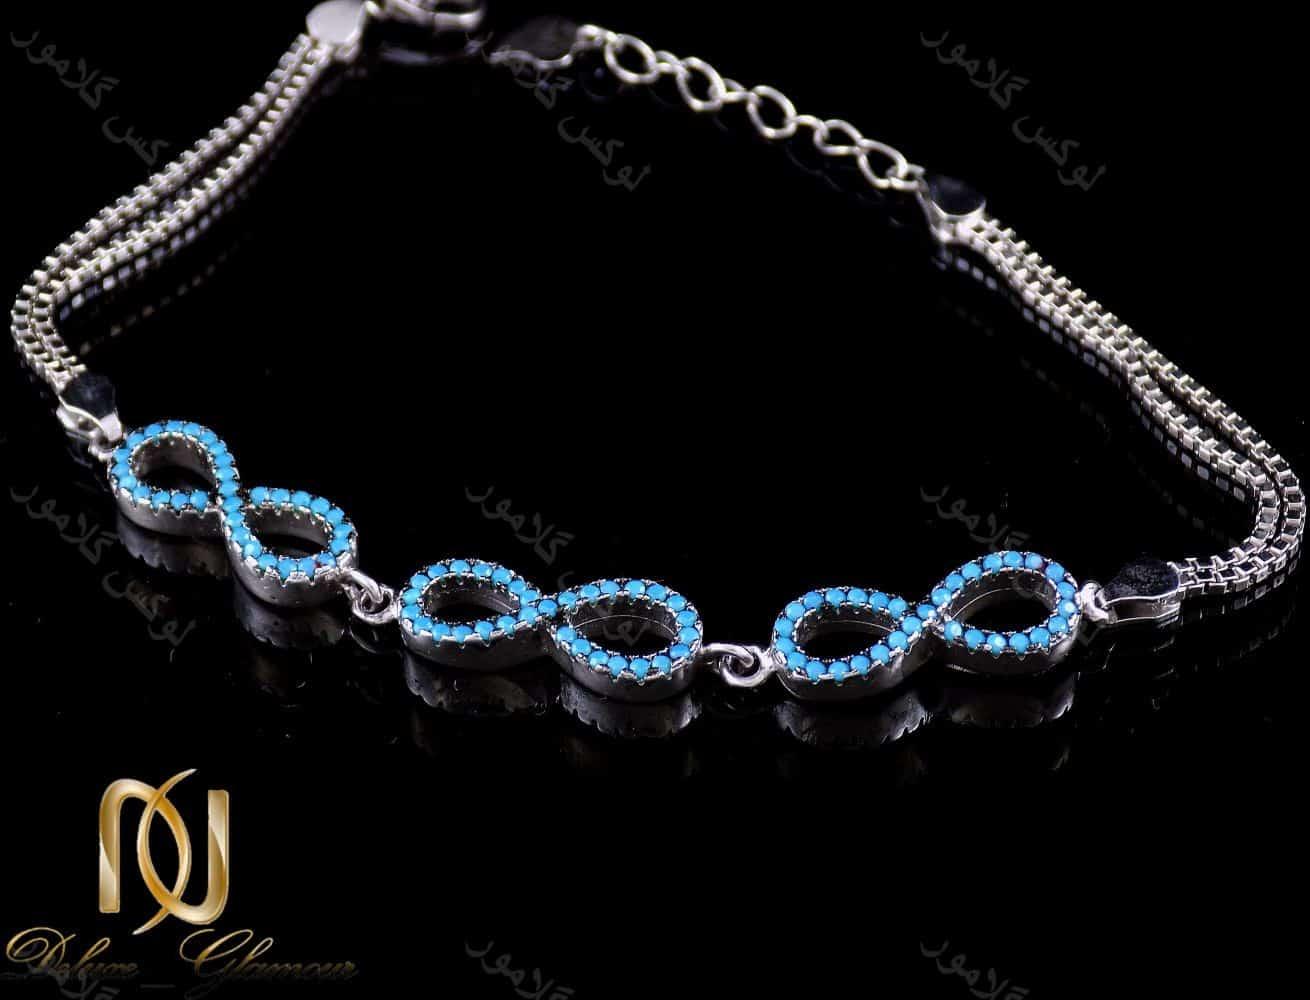 دستبند دخترانه نقره طرح بی نهایت 6.5 گرمی با نگین های لاکی ds-n197 از نمای دور